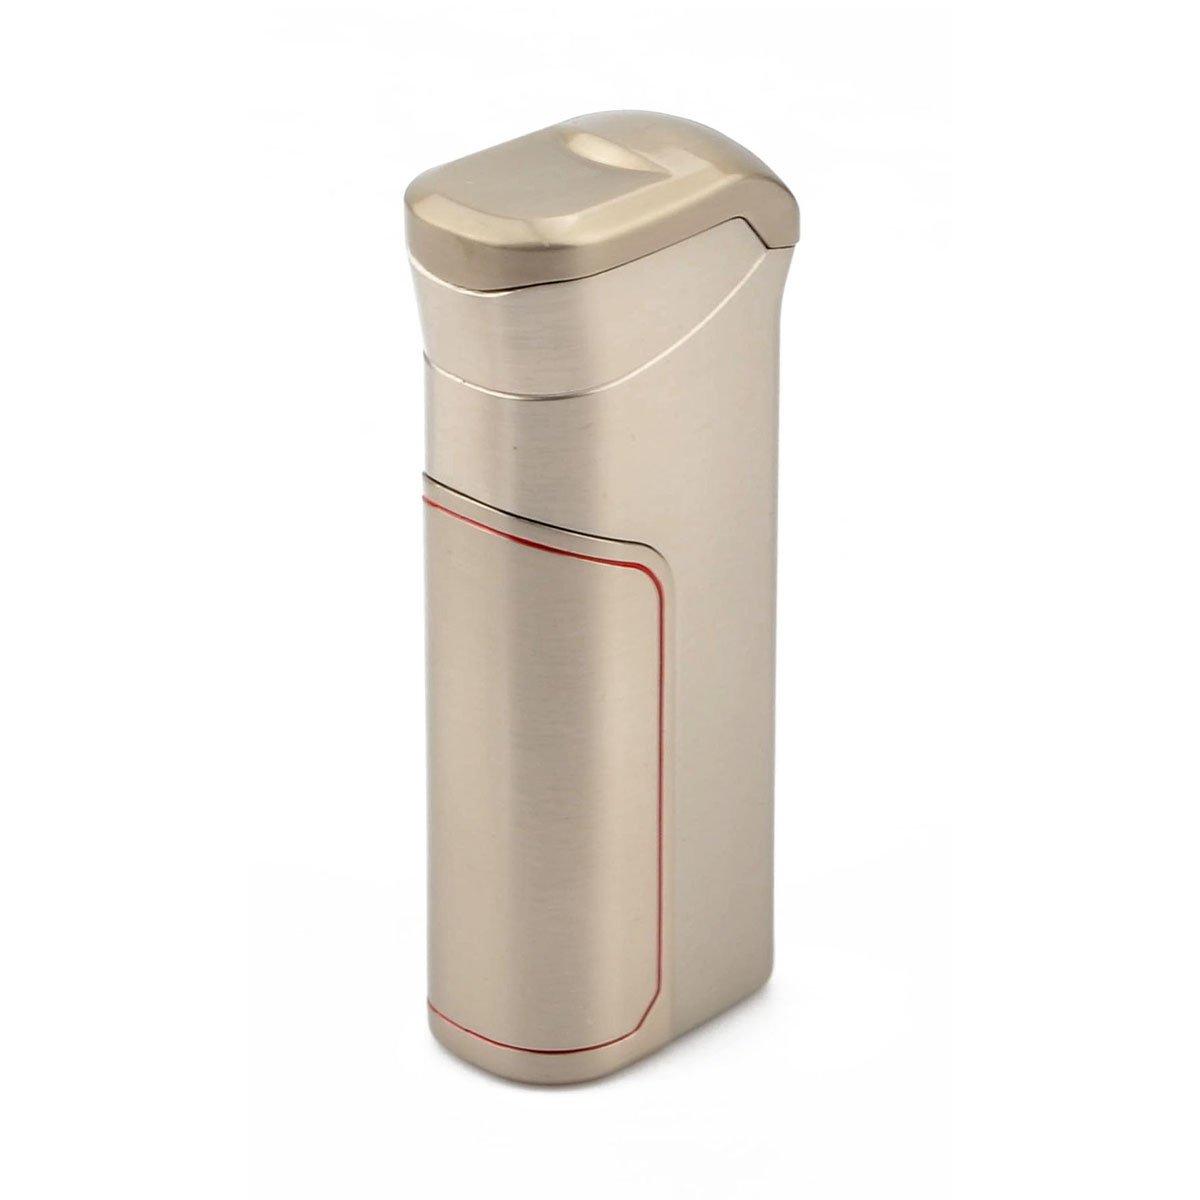 Oumosi Métal coupe-vent Briquet réutilisable double Arc USB léger avec 800mAh Capacité de la batterie pour la maison